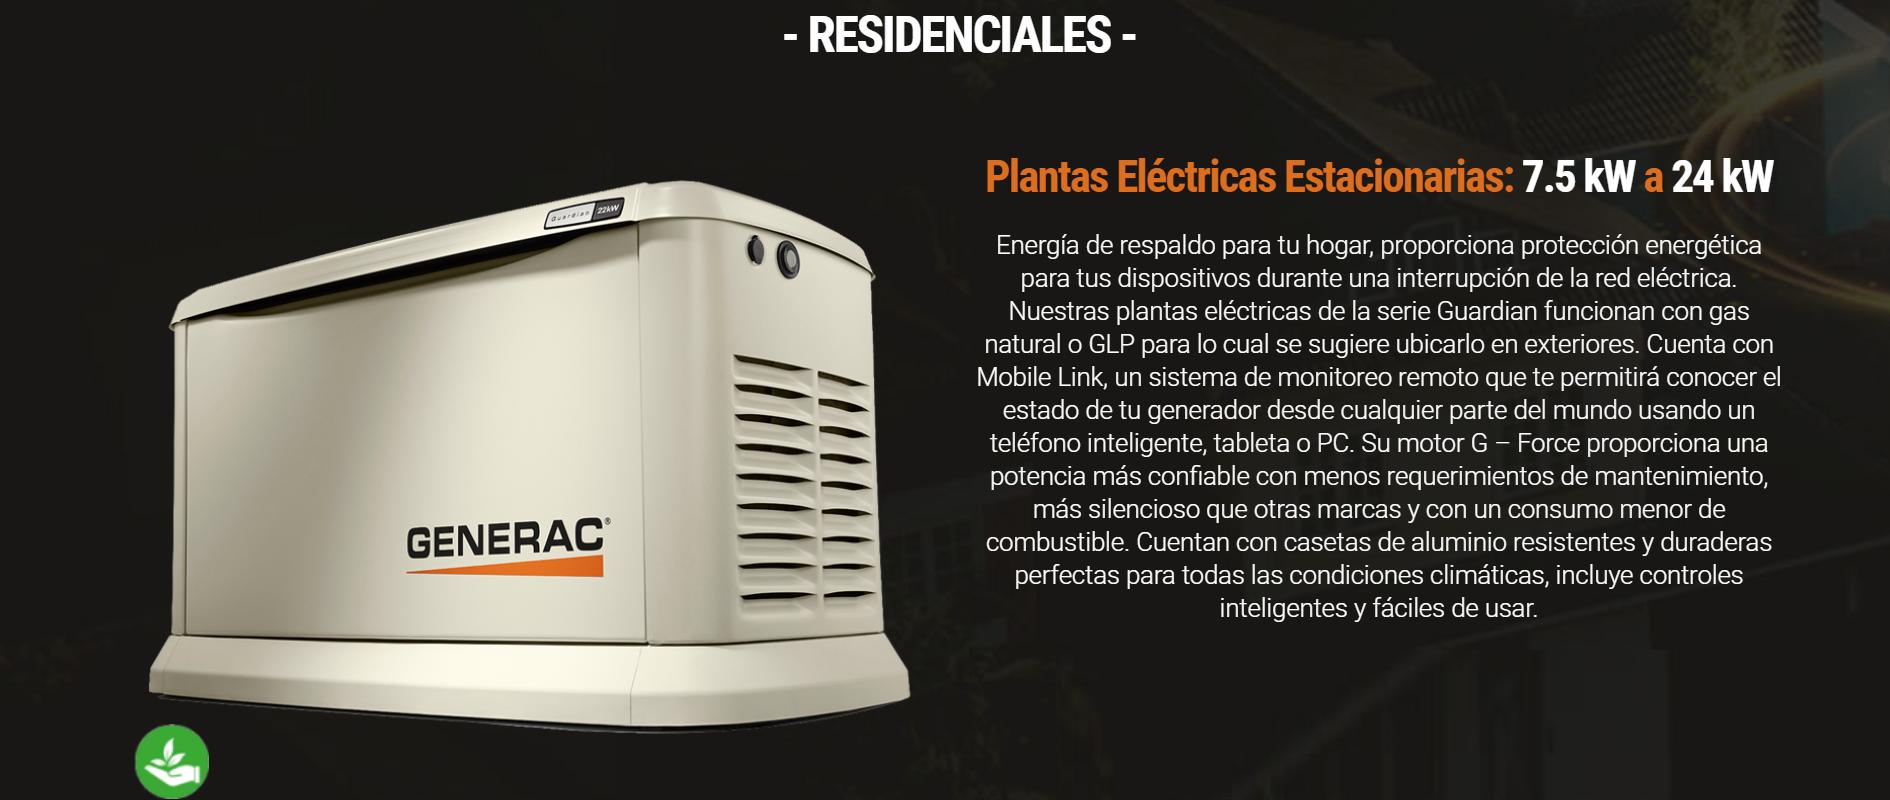 Plantas Eléctricas Estacionarias 7.5 kW a 24 kW.